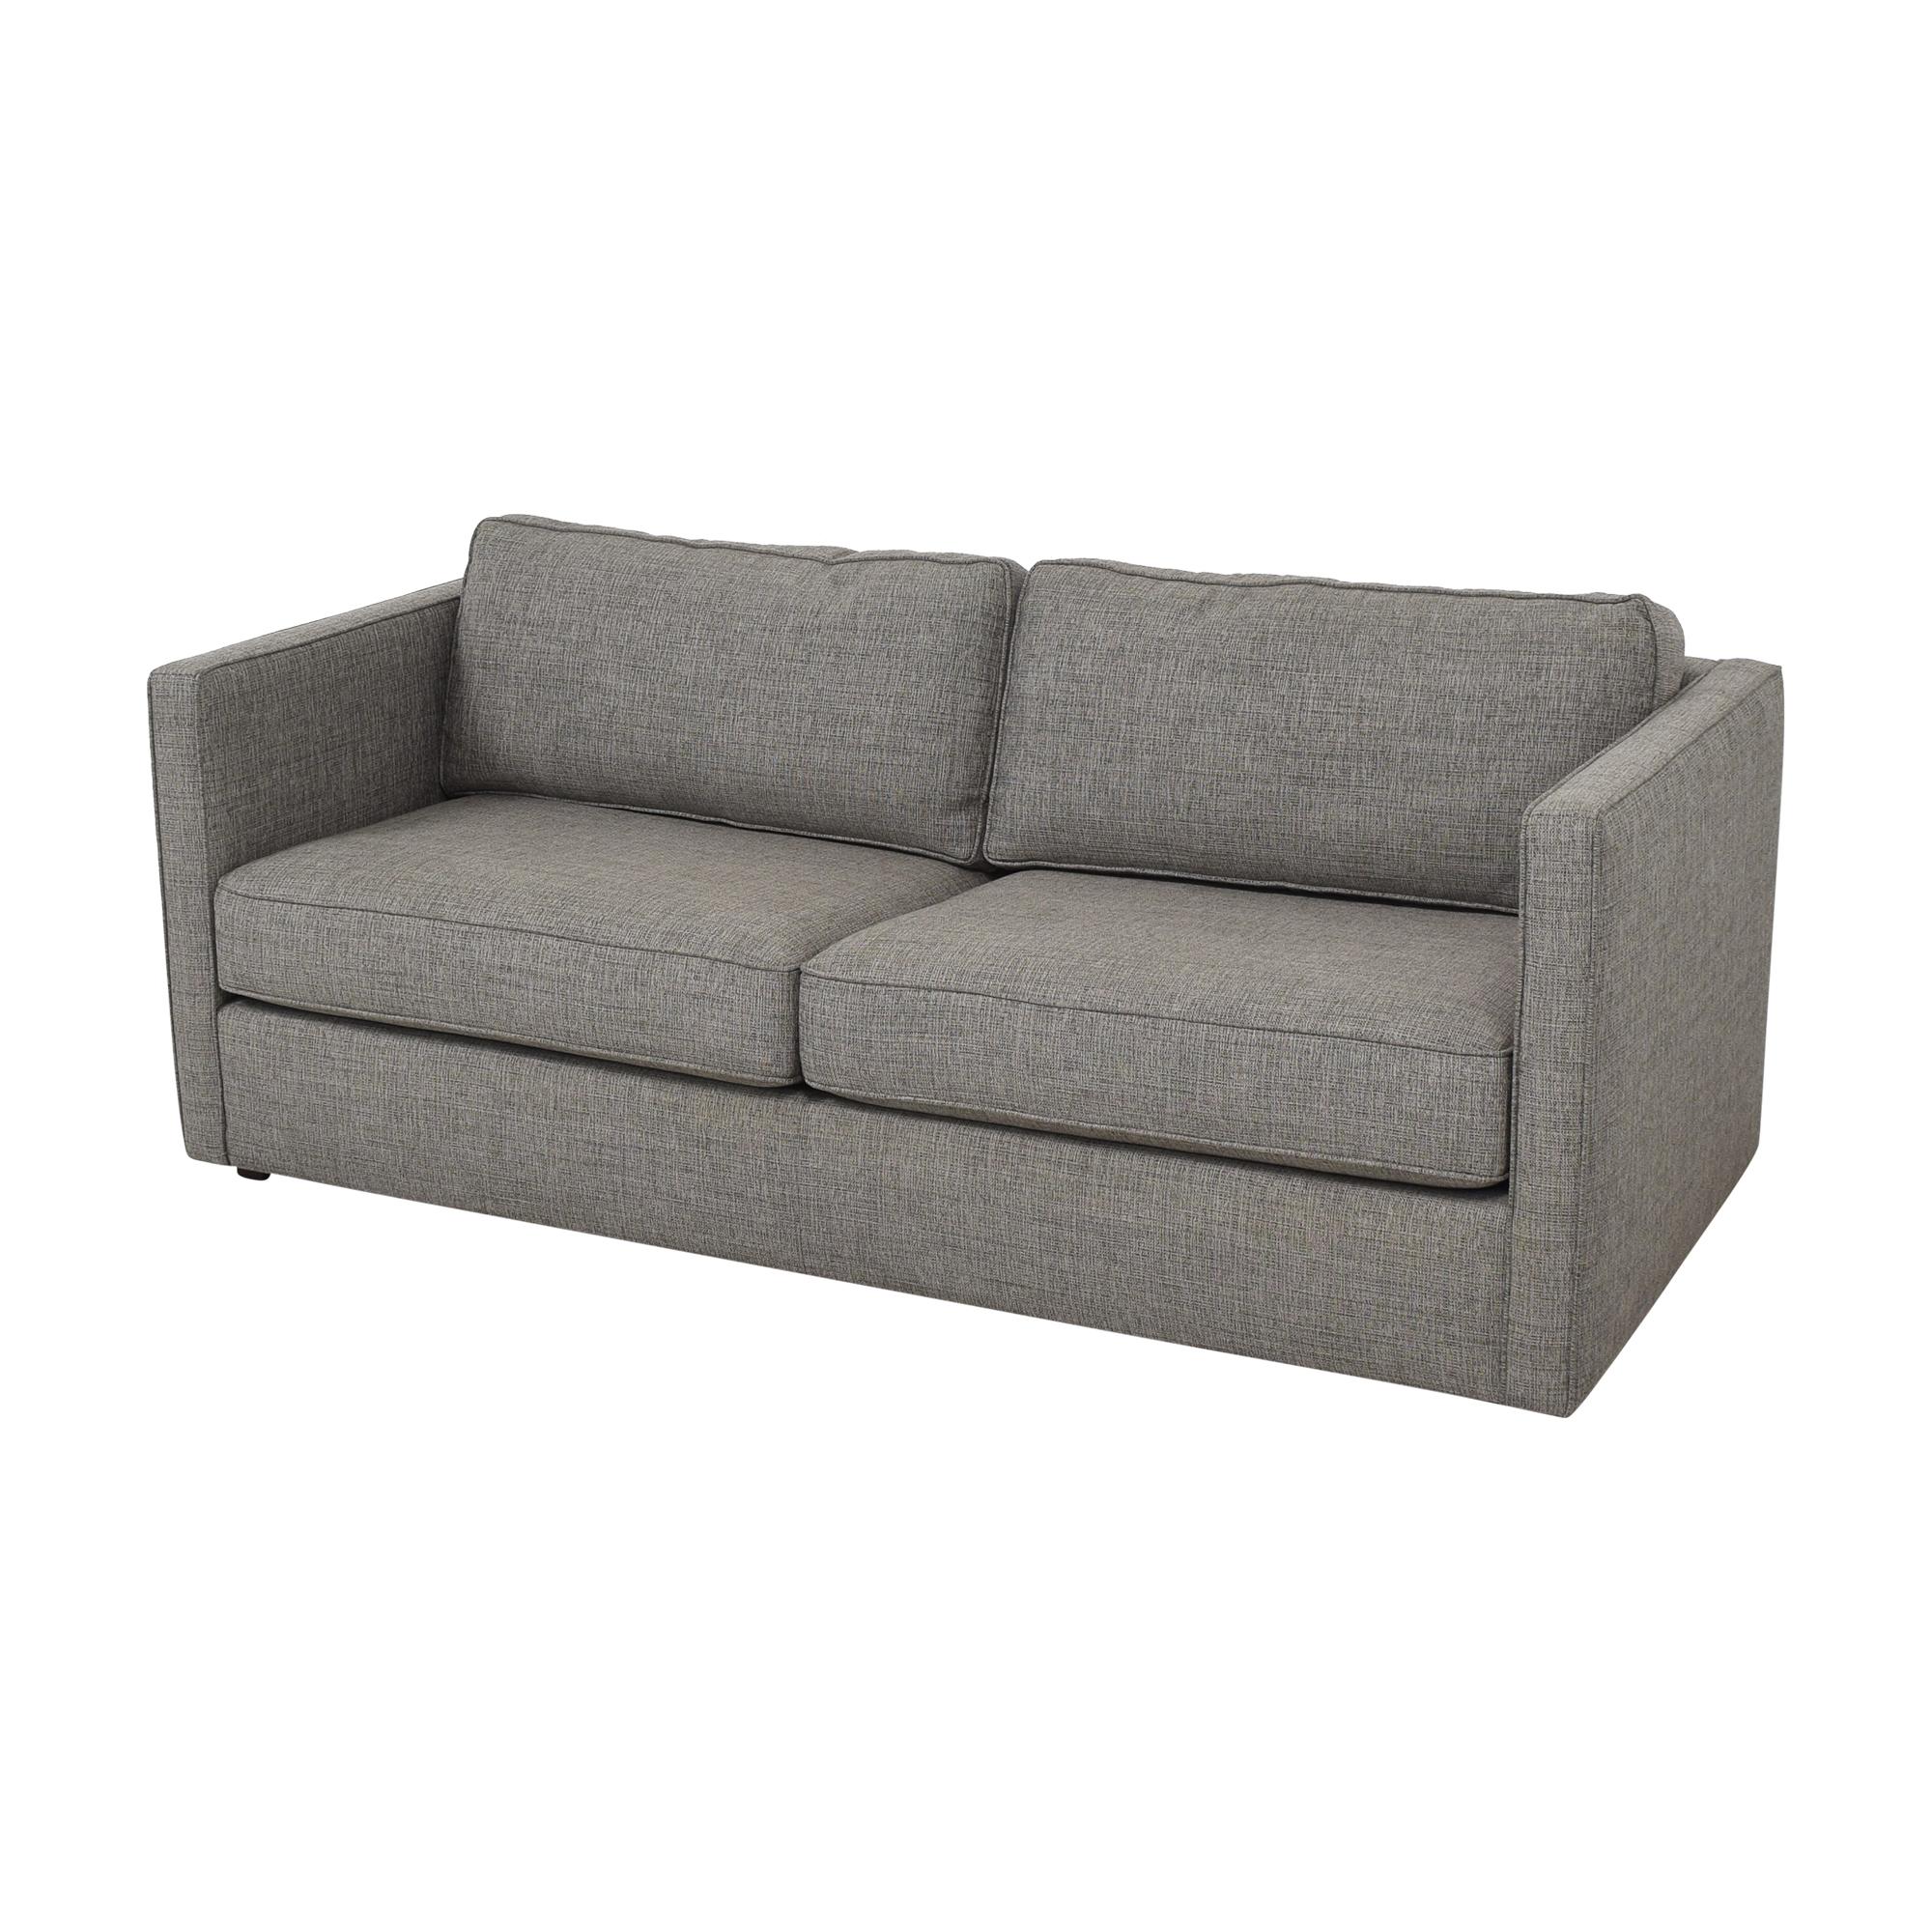 Room & Board Room & Board Watson Guest Select Sleeper Sofa ma